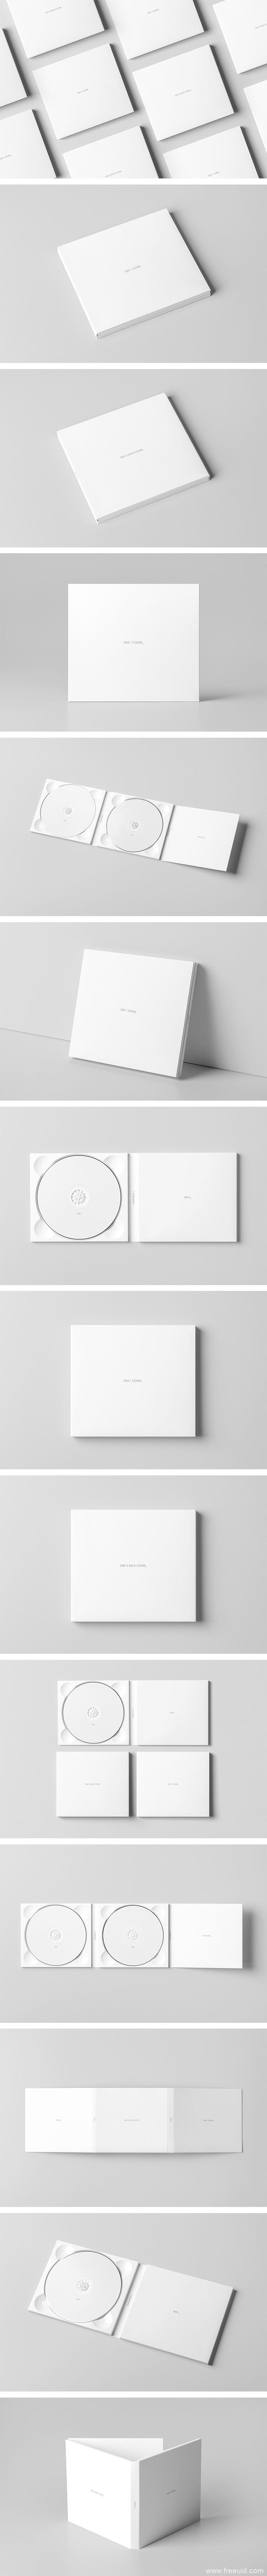 全套系高端逼真光盘CD展示样机模板psd源文件下载(内含多种背景)